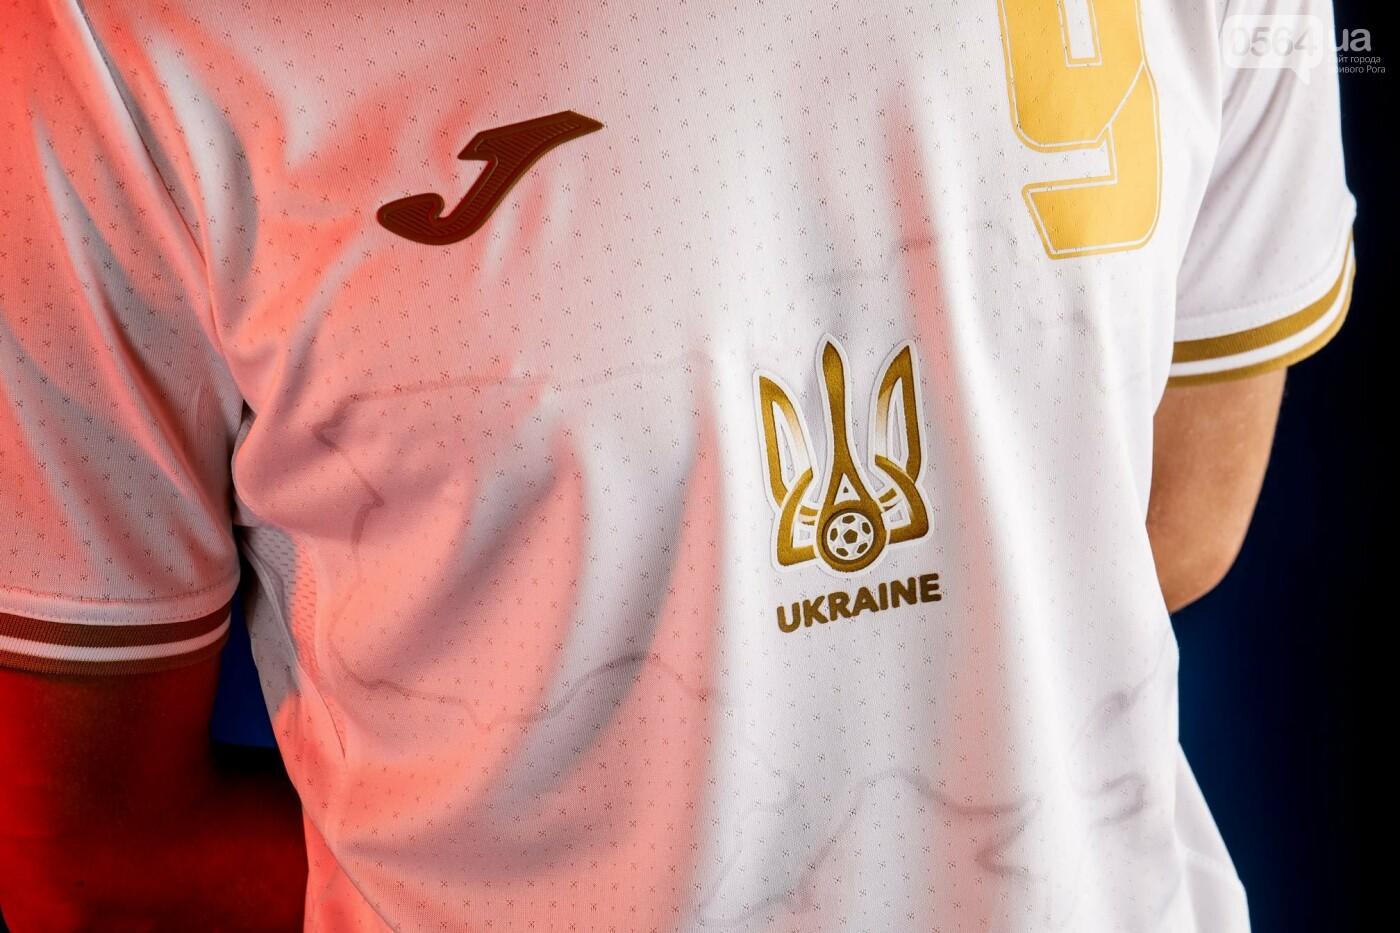 Сборная Украины по футболу представила новую форму на Евро-2020, фото-3